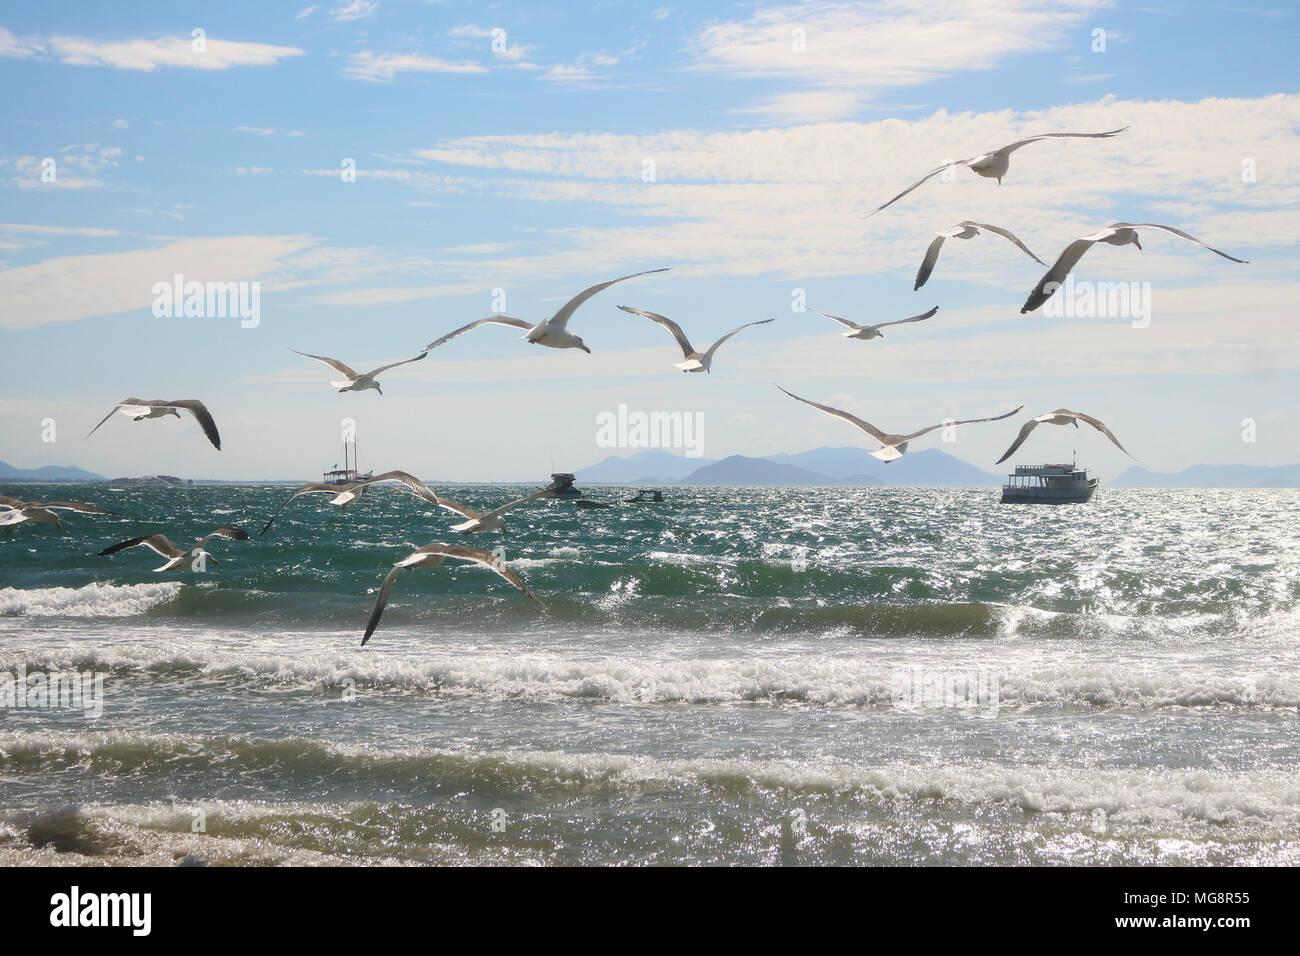 Un troupeau de mouettes sur la plage. Un vol au dessus de la mer, sur les bateaux. La certitude de ne pas avoir de destin et une lumière de la vie. L'harmonie, la beauté . Photo Stock